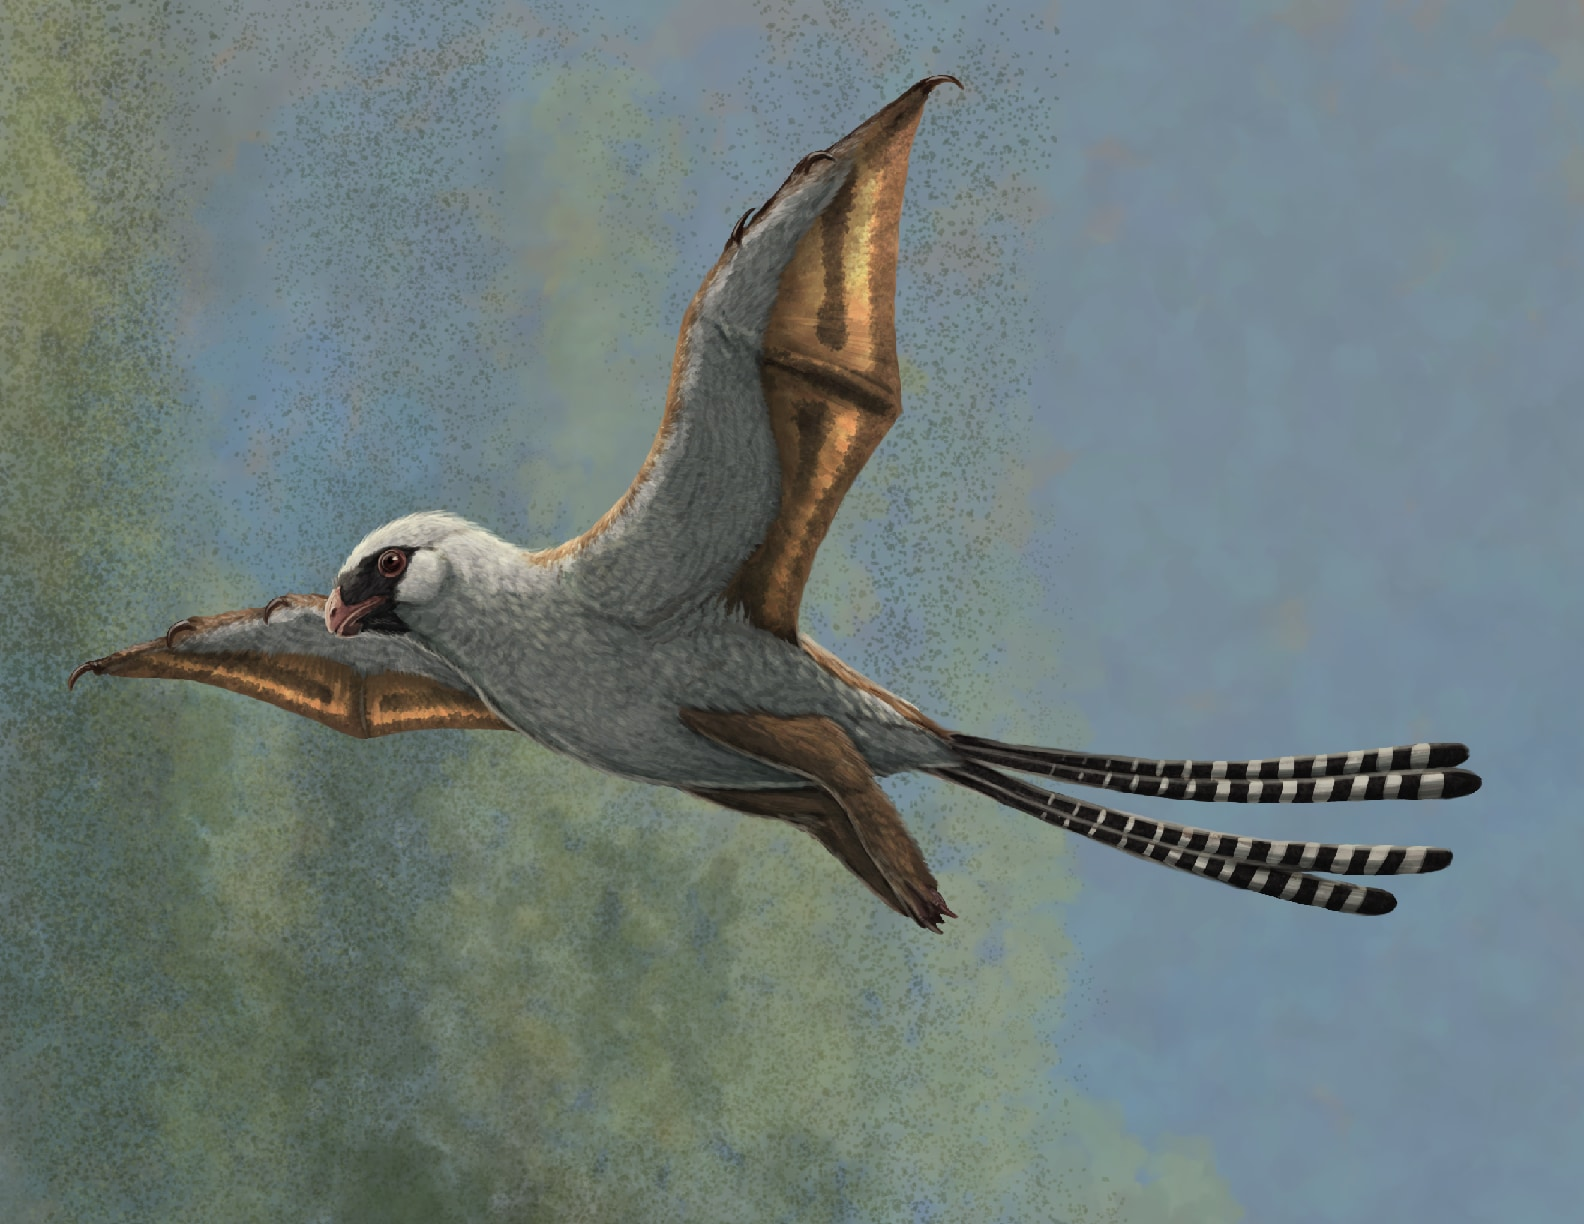 翼を持った小型の恐竜「アンボプリテクス」の想像図。